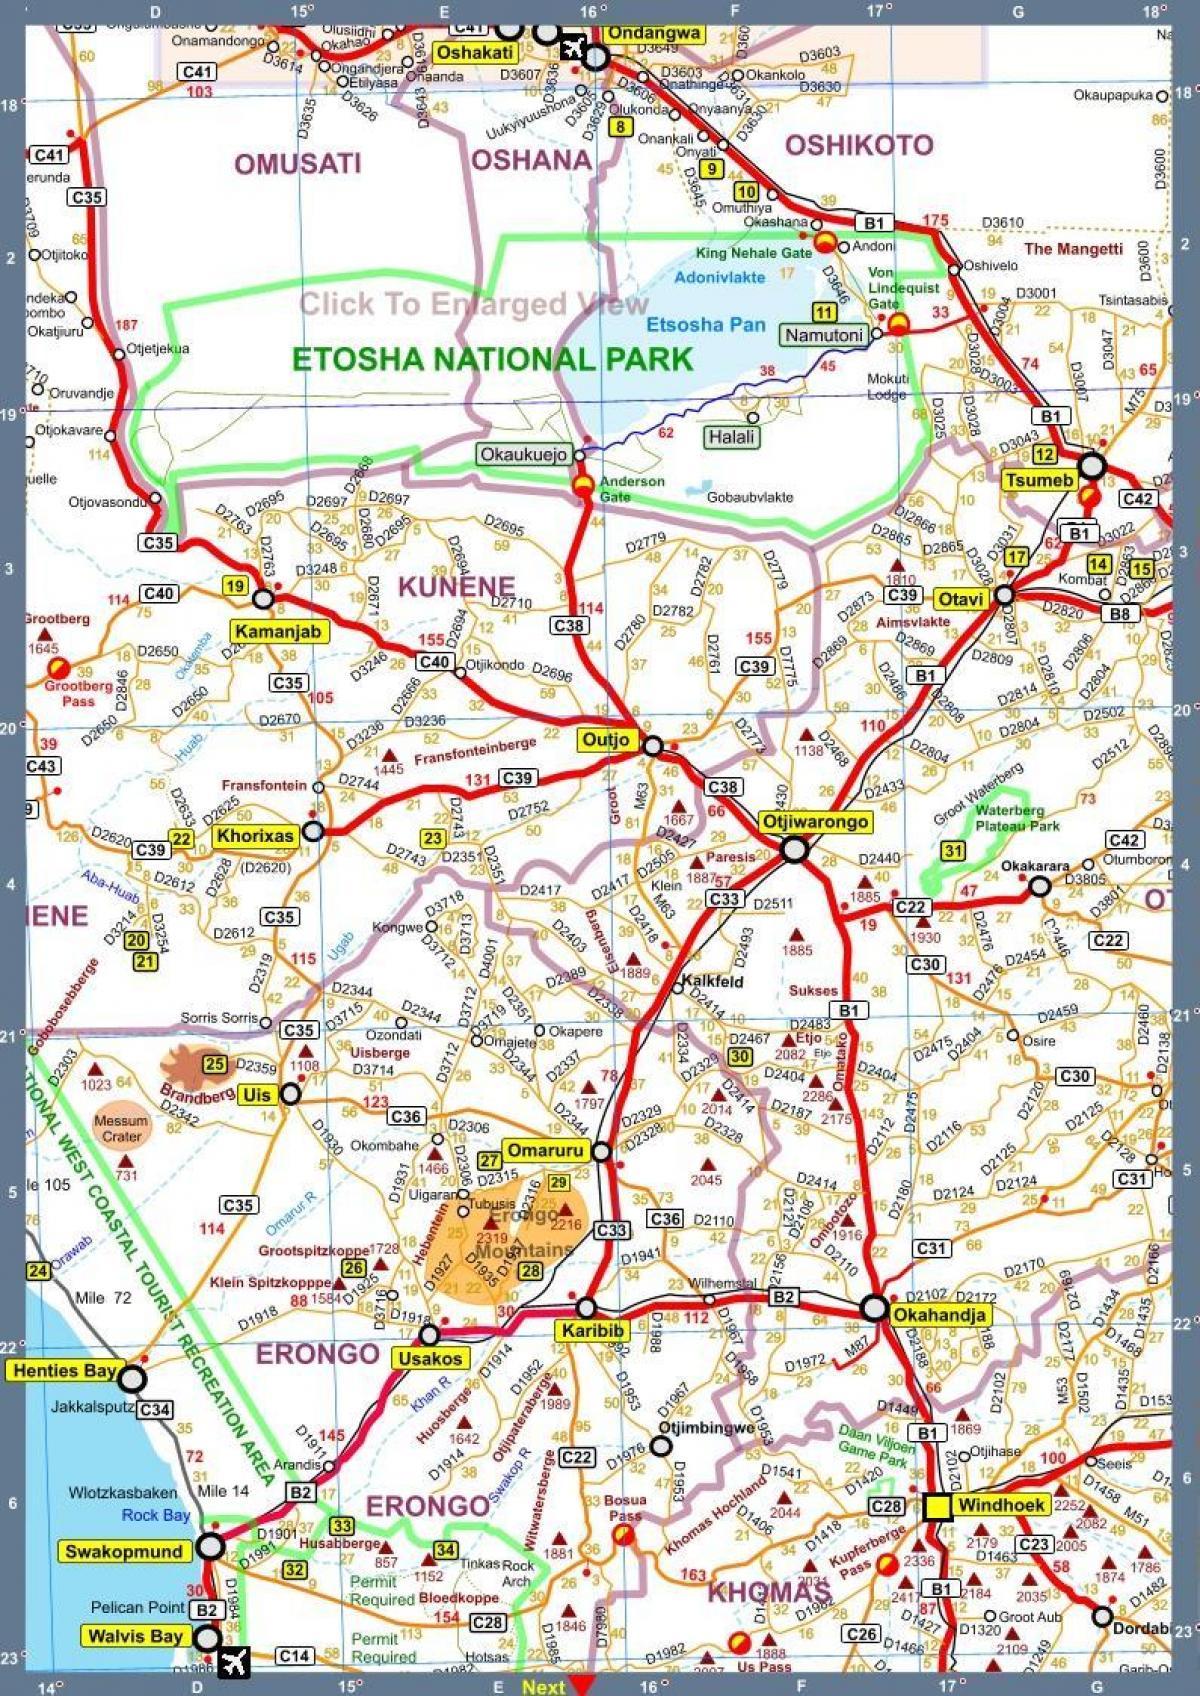 Karta Och Avstand.Namibia Karta Med Avstand Namibia Road Karta Med Avstand Sodra